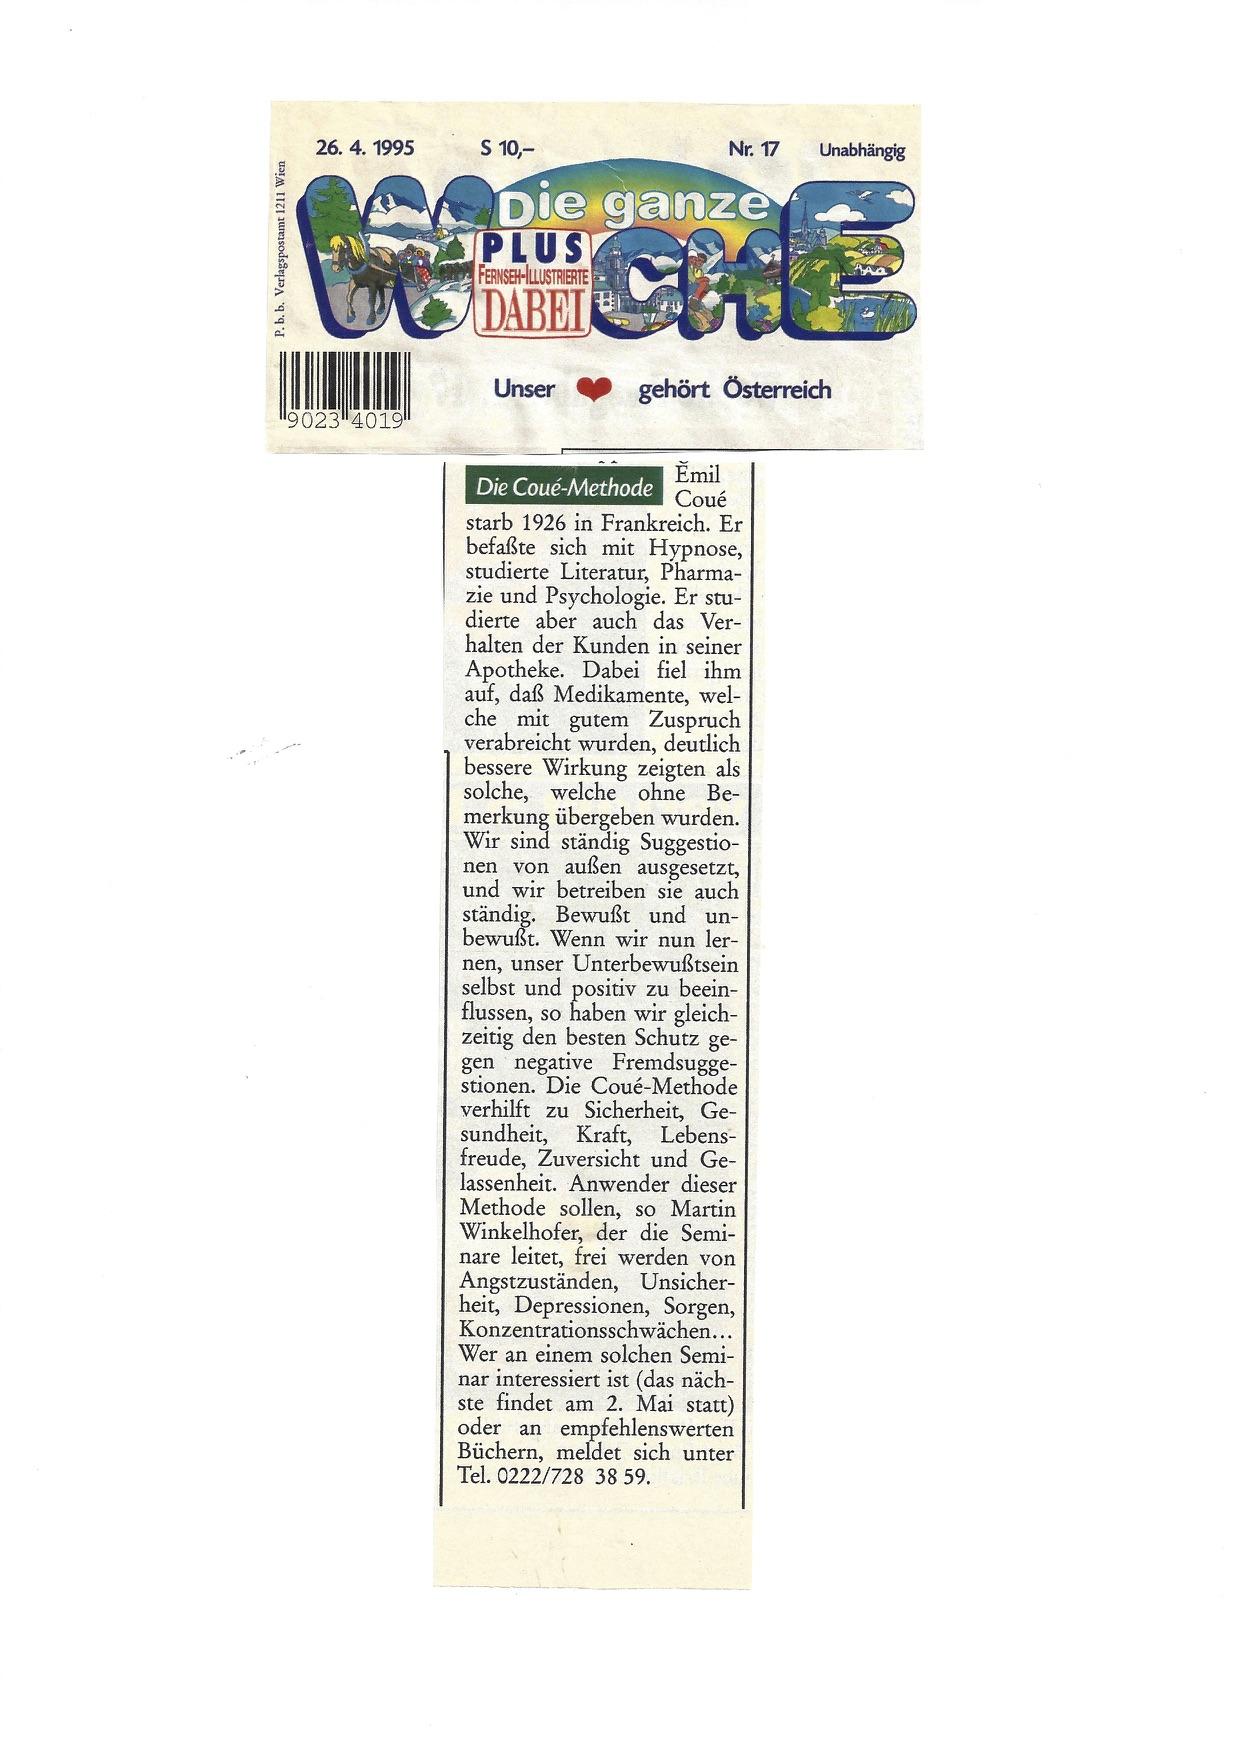 Die ganze Woche Nr. 17, 26.4.1995